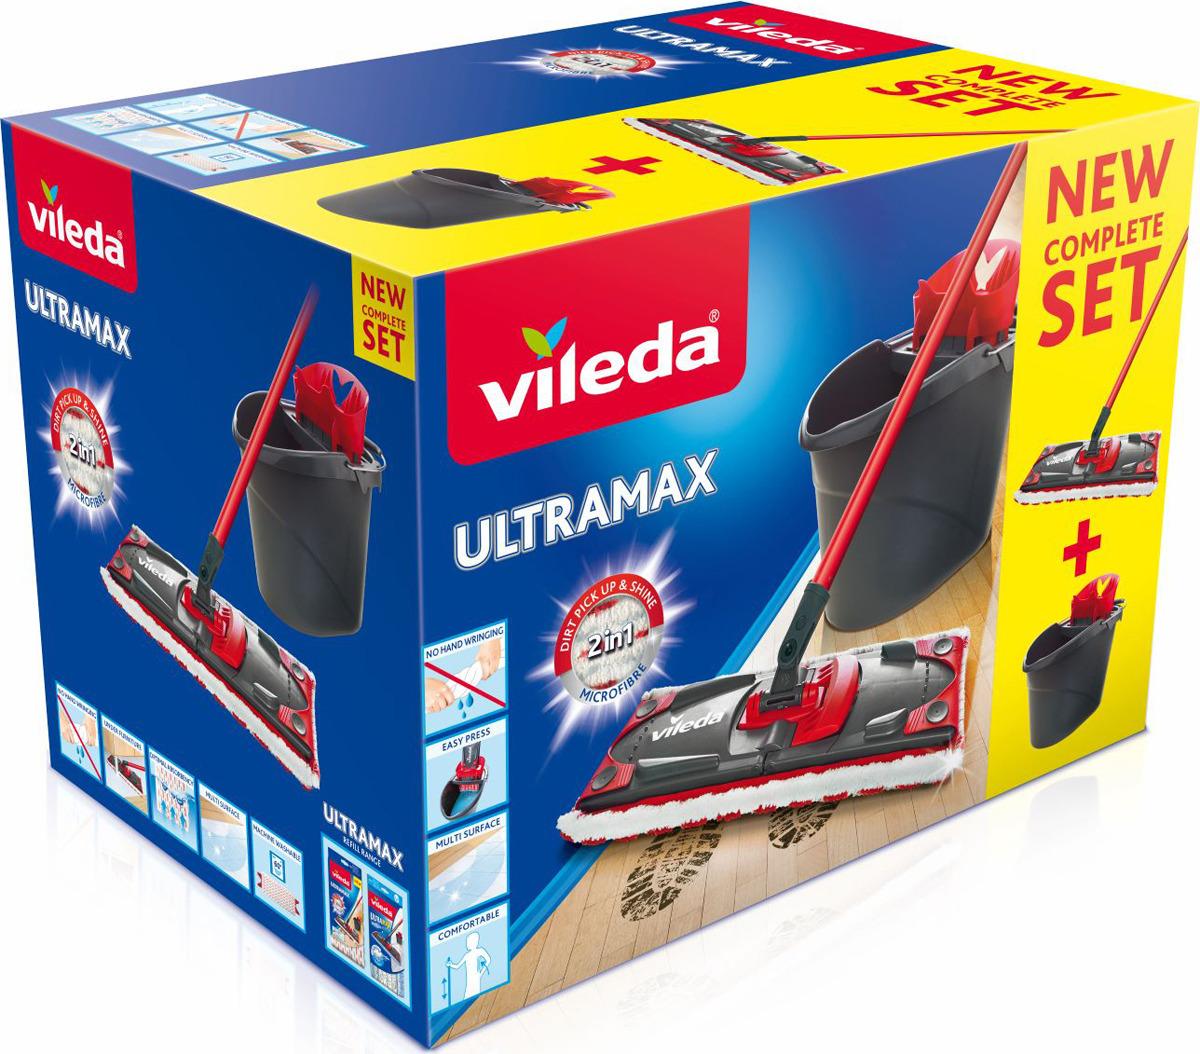 Набор для уборки Vileda Ultramax, цвет: черный, красный, 2 предмета8137431_черный, красныйШвабра Vileda Ультрамакс с насадкой из комбинированной микрофибры широко используется для сухой и влажной уборки любых напольных поверхностей. Благодаря уникальным свойствам микрофибры сухая насадка легко удаляет пыль и в три раза лучше впитывает влагу, чем обычный хлопок. Так же при мытье пола можно не использовать бытовую химию, поскольку микрофибра сама по себе отлично убирает любую грязь. Набор идеален для влажной уборки любых напольных покрытий, в том числе паркета и ламината. На основании швабры есть специальная рифленная зона, благодаря которой намного легче отмывать присохшие загрязнения на полу. Швабра отжимается в специальной воронке на ведре, благодаря чему Ваши руки остаются сухими и чистыми. Система отжима помогает отжать насадку до необходимой влажности. Само ведро изготовлено из крепкого, утолщенного пластика с металлической ручкой. Оно не опрокидывается и прослужит долго время. Система отжима на ведре съемная, что позволяет использовать ведро для различных хозяйственных нужд. Внутри ведра есть шкала делений до 10 л.Набор Vileda Ультрамакс - лучший помощник в доме! Длина швабры: 120 см.Ручка швабры сборная.Размеры насадки: 35 х 10 х 1,5 см. Размеры ведра: 38 х 25 х 28 см.Объем ведра: 12 л. Рекомендуем!